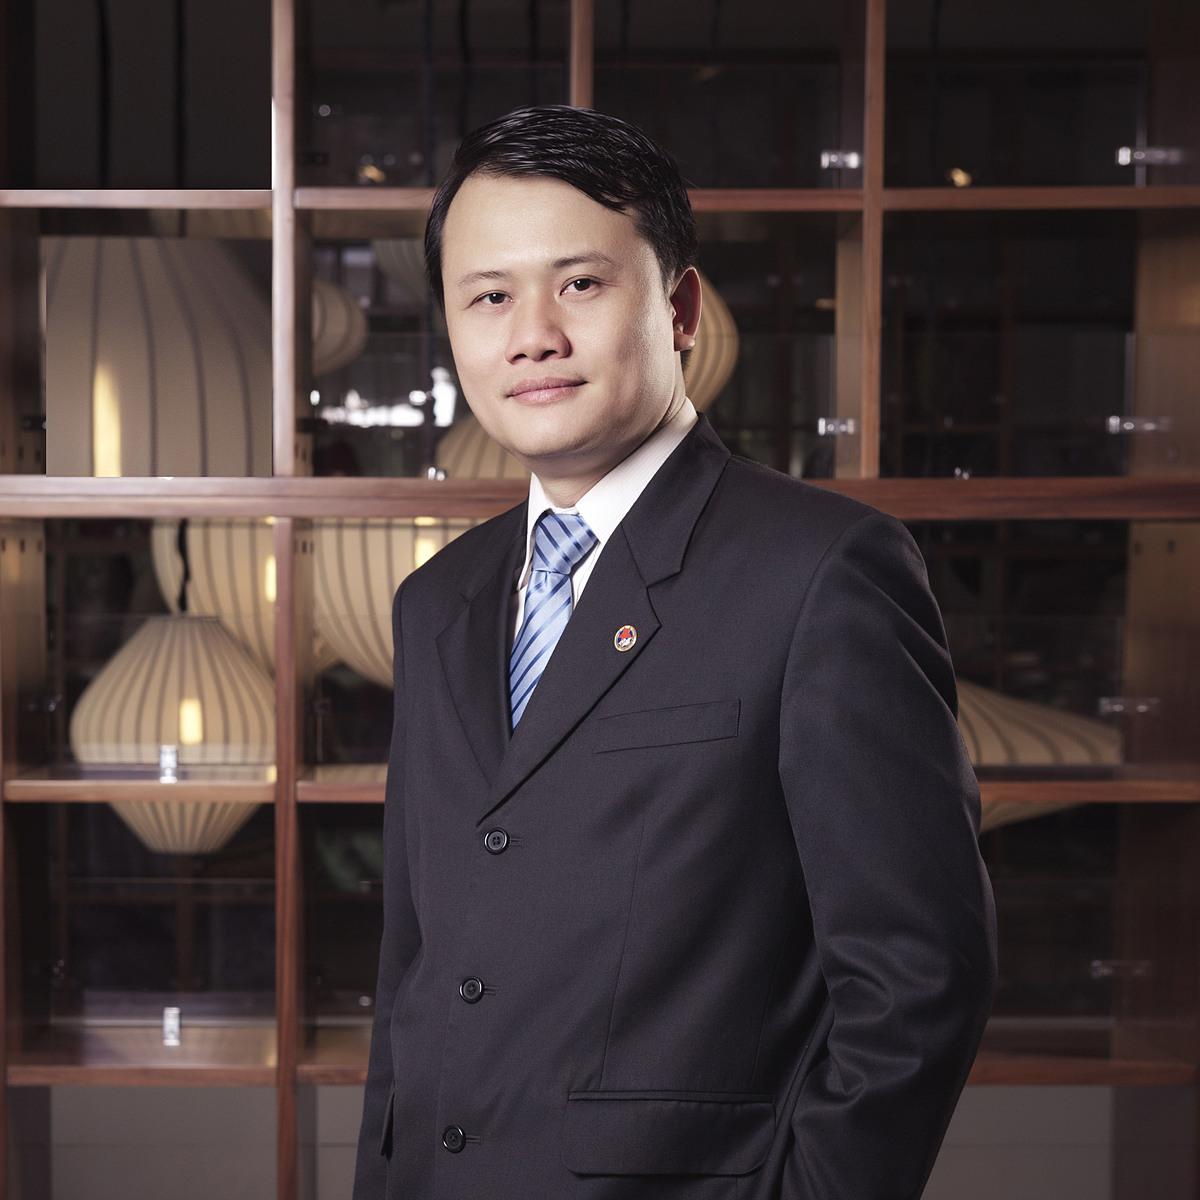 Ông Trần Bằng Việt - Phó chủ tịch Liên đoàn các nhà lãnh đạo và doanh nhân trẻ toàn cầu (JCI).